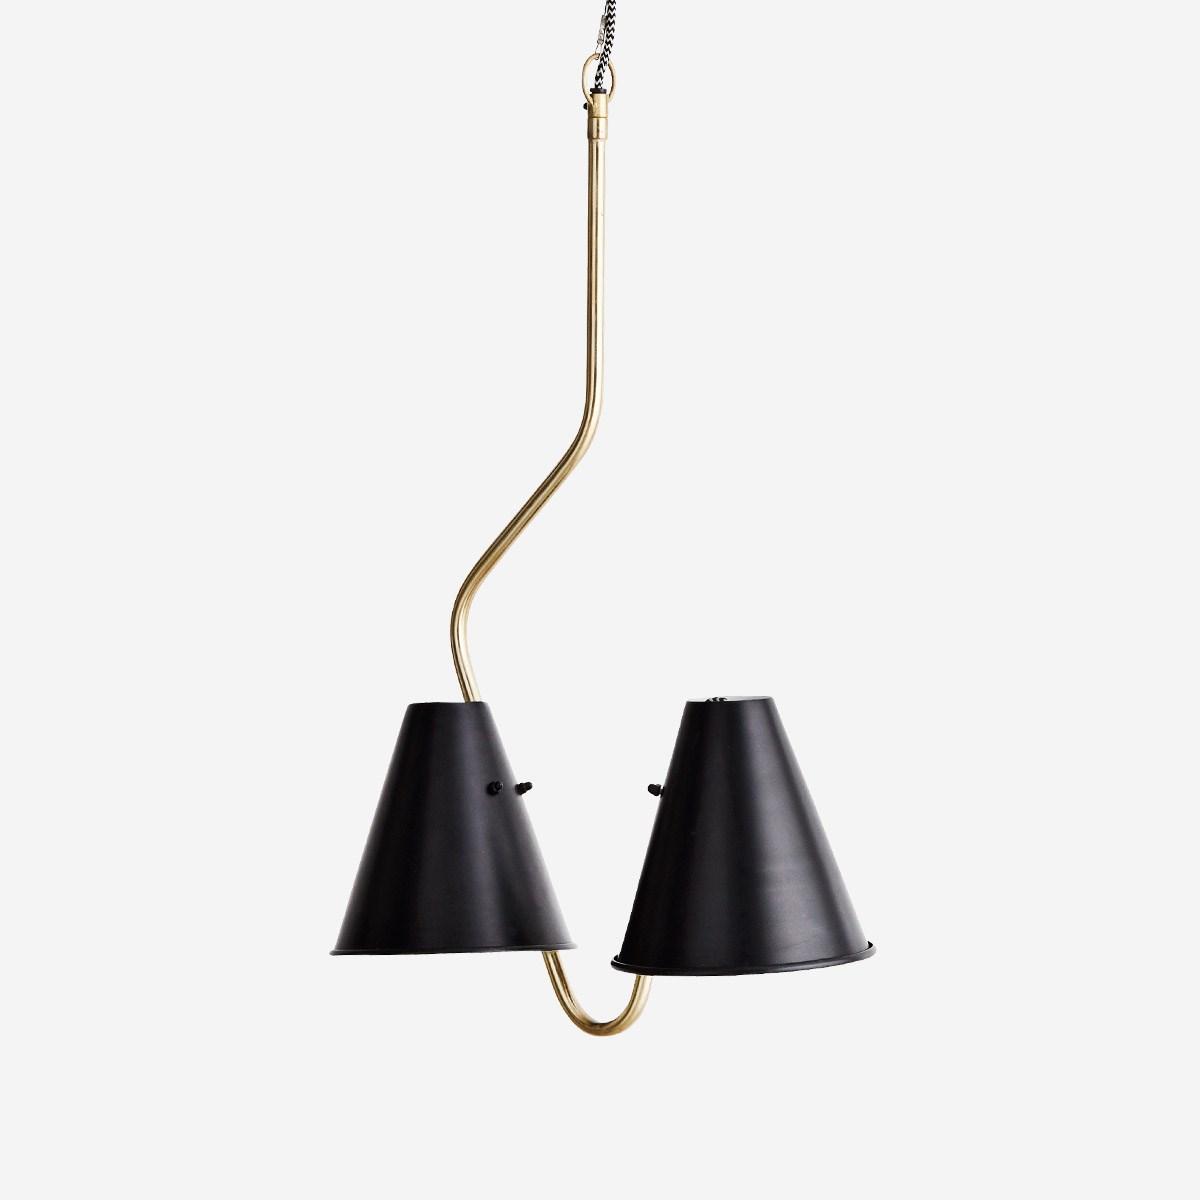 Full Size of Deckenlampe Skandinavisch Mit 2 Schirmen Aus Eisen Wohnen Schlafzimmer Esstisch Wohnzimmer Deckenlampen Für Modern Bett Küche Bad Wohnzimmer Deckenlampe Skandinavisch